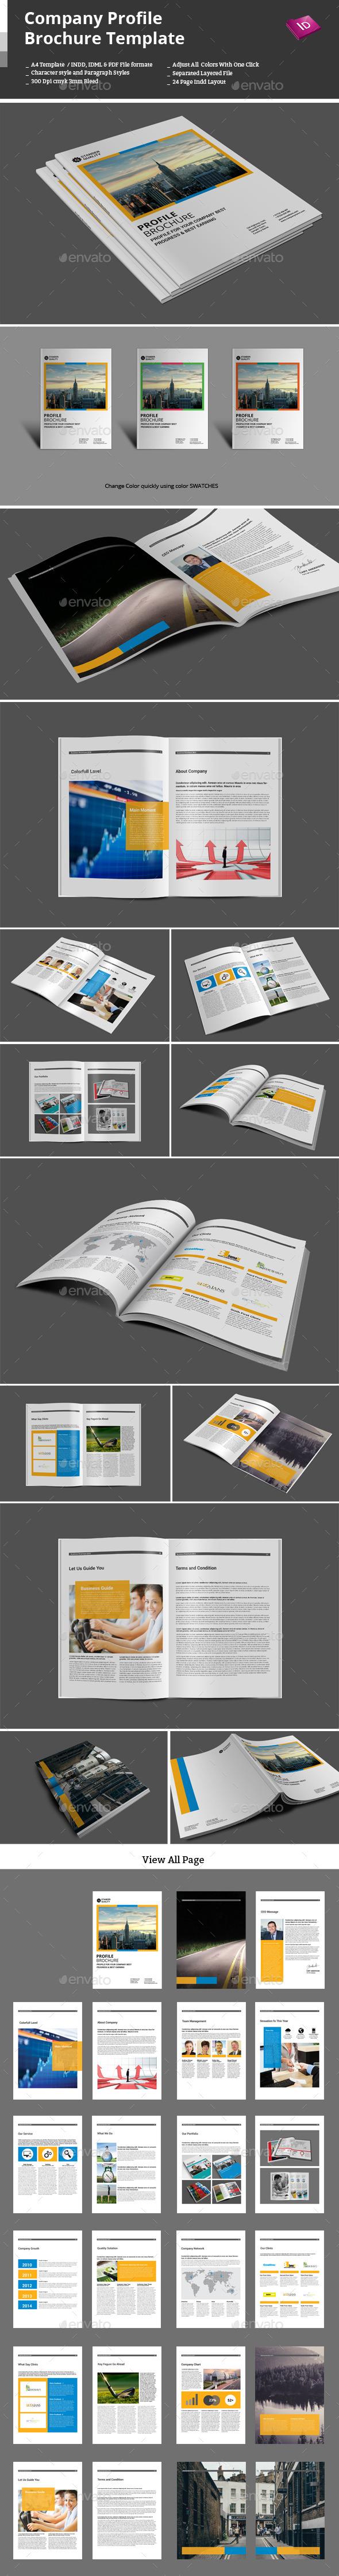 Company Profile Brochure Template - Corporate Brochures